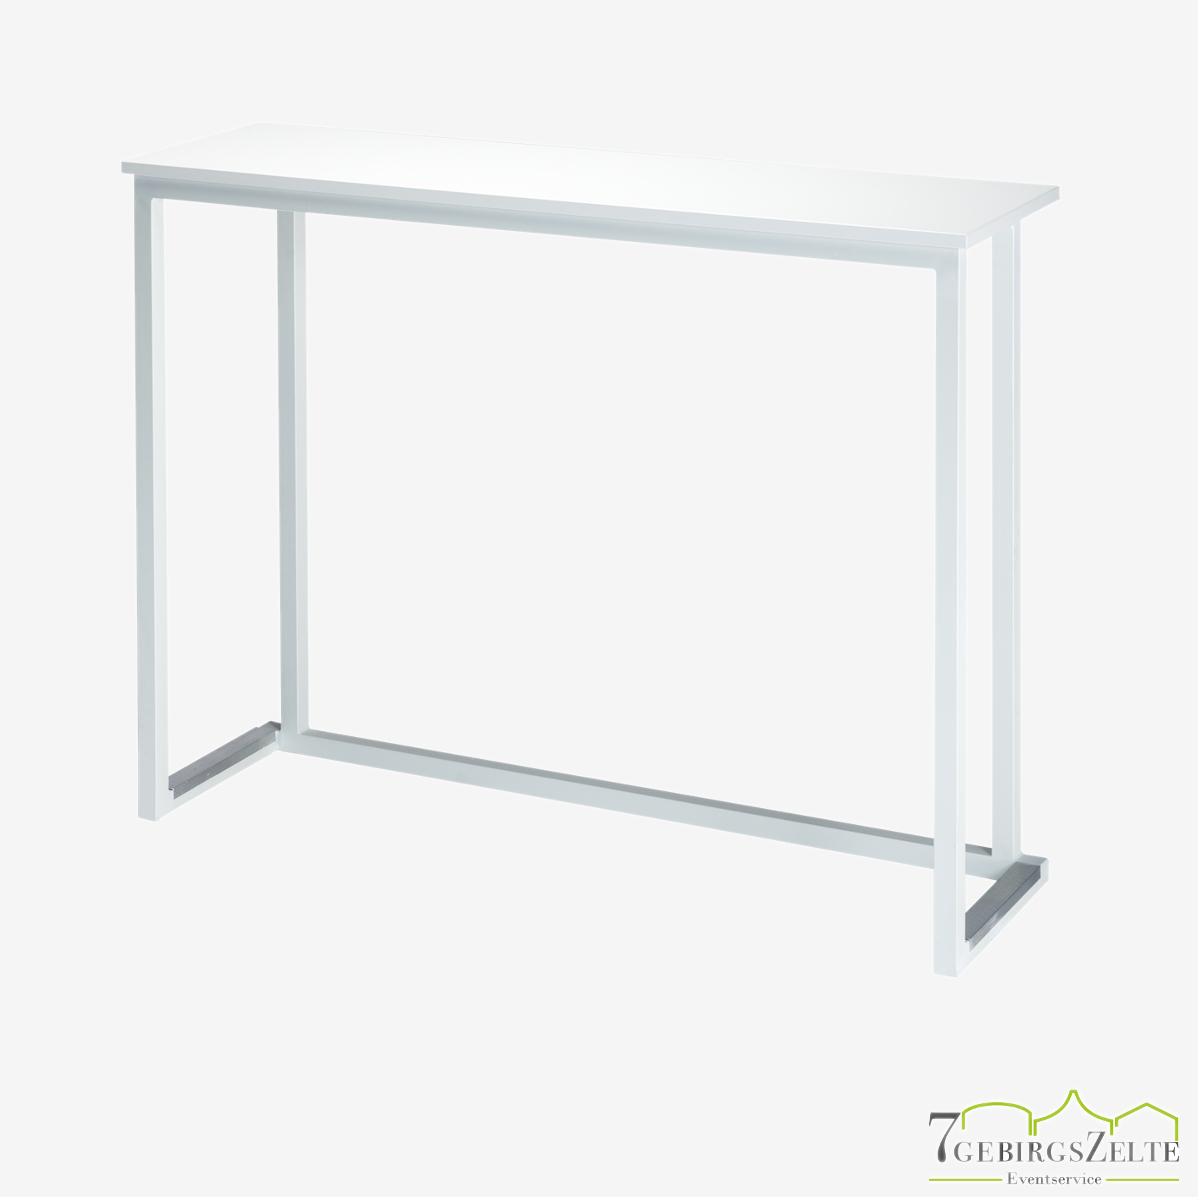 Kubo Wall Stahl weiß; Tisch